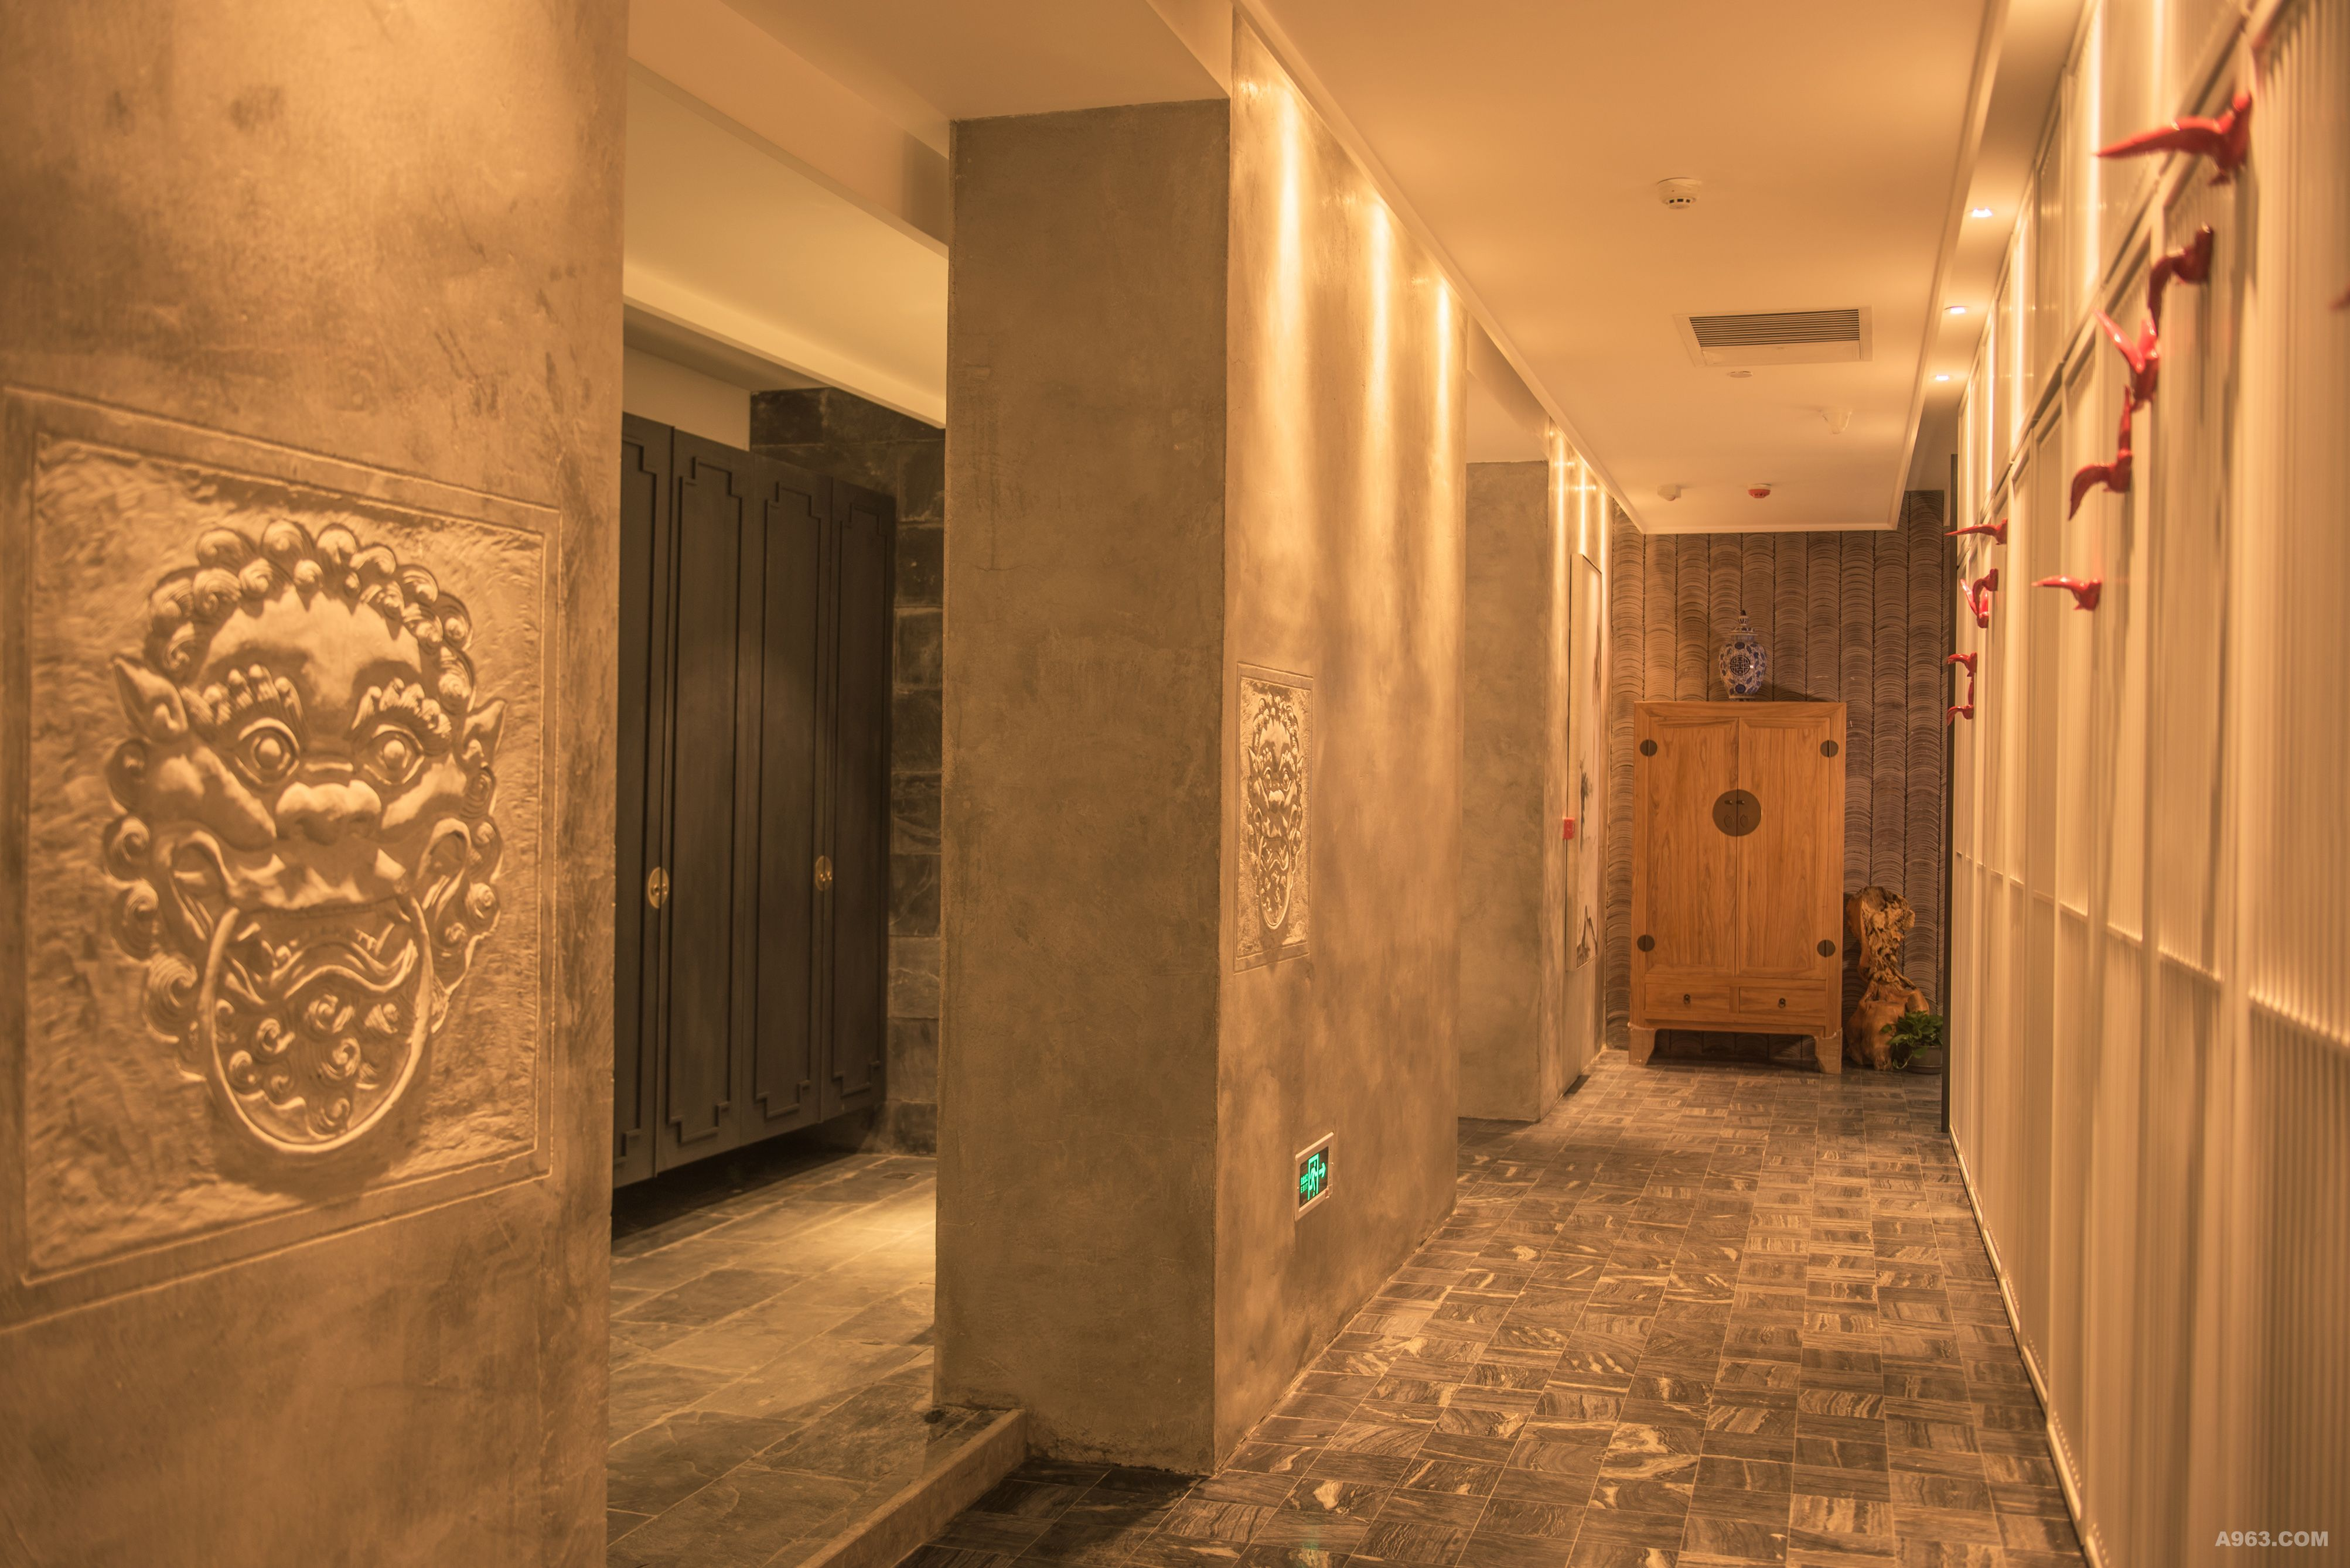 尚味·南舍餐厅 - 餐饮空间 - 第3页 - 陈轩设计作品